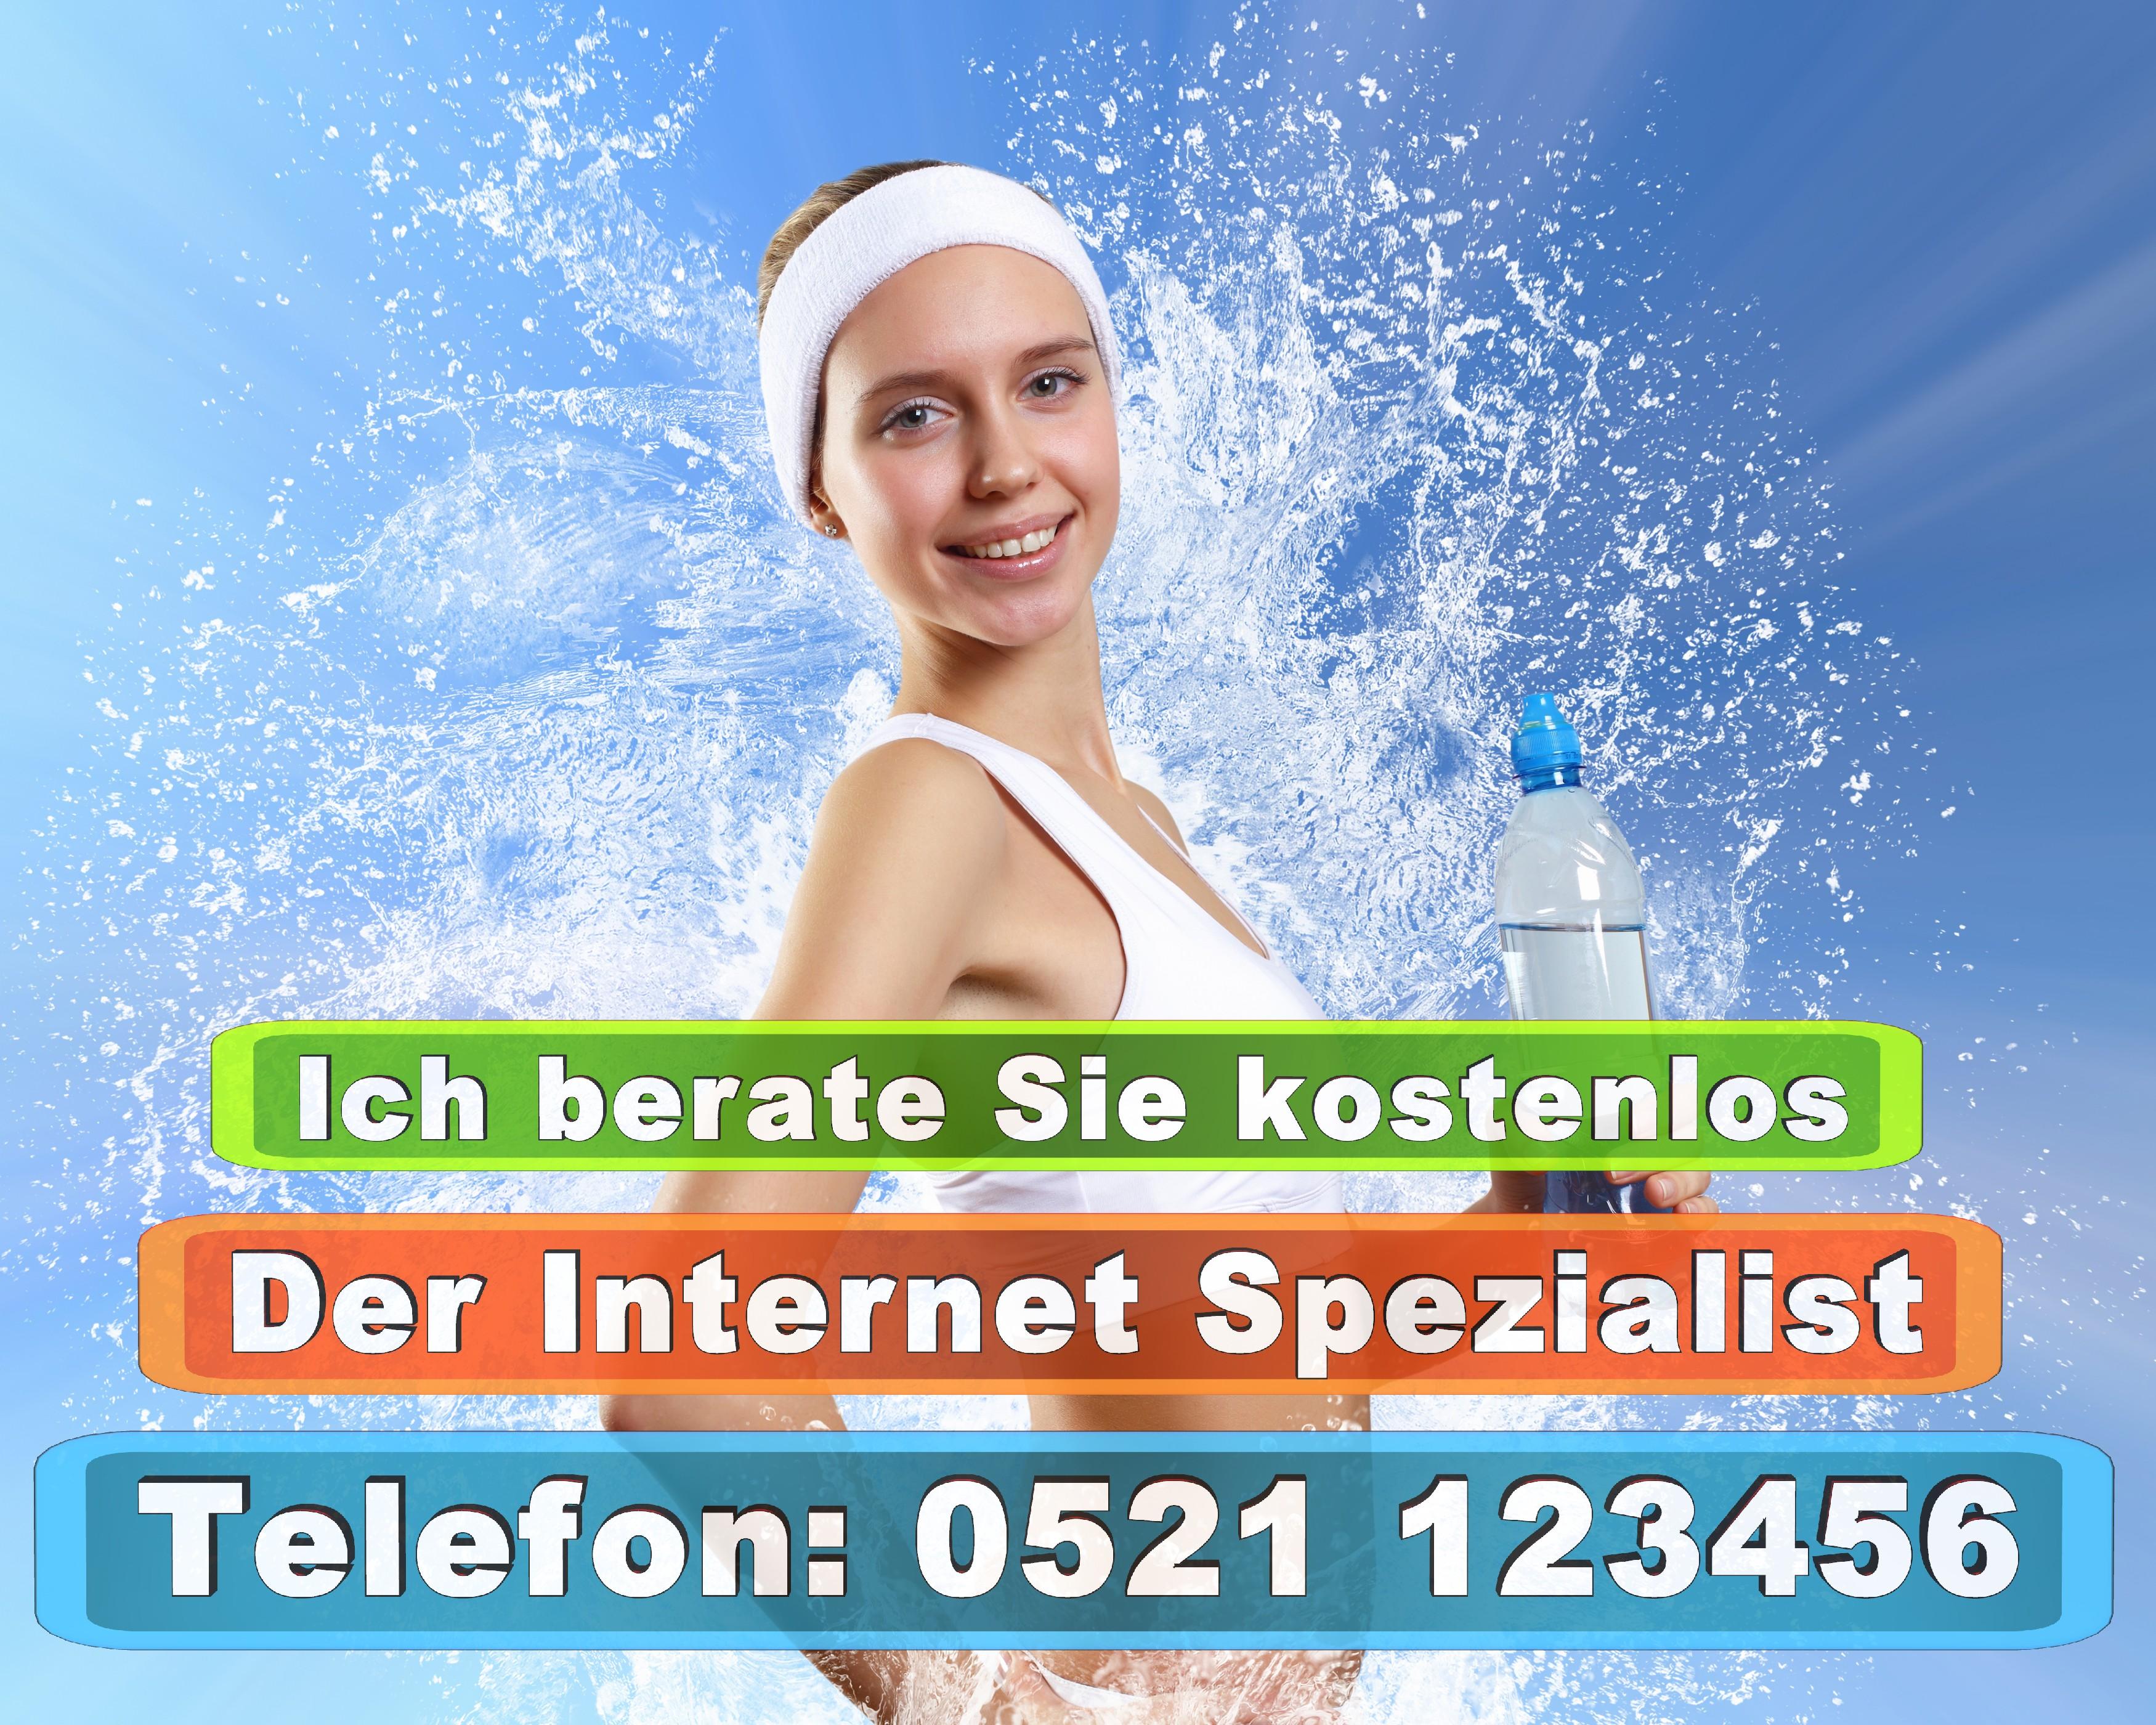 Sportvereine Bielefeld Teutoburger Wald Eisenbahn Sparrenburg Tierpark Bielefeld Gibt Es Nicht Joke Map Germany Conspirancy Photos Pictures Images (5)